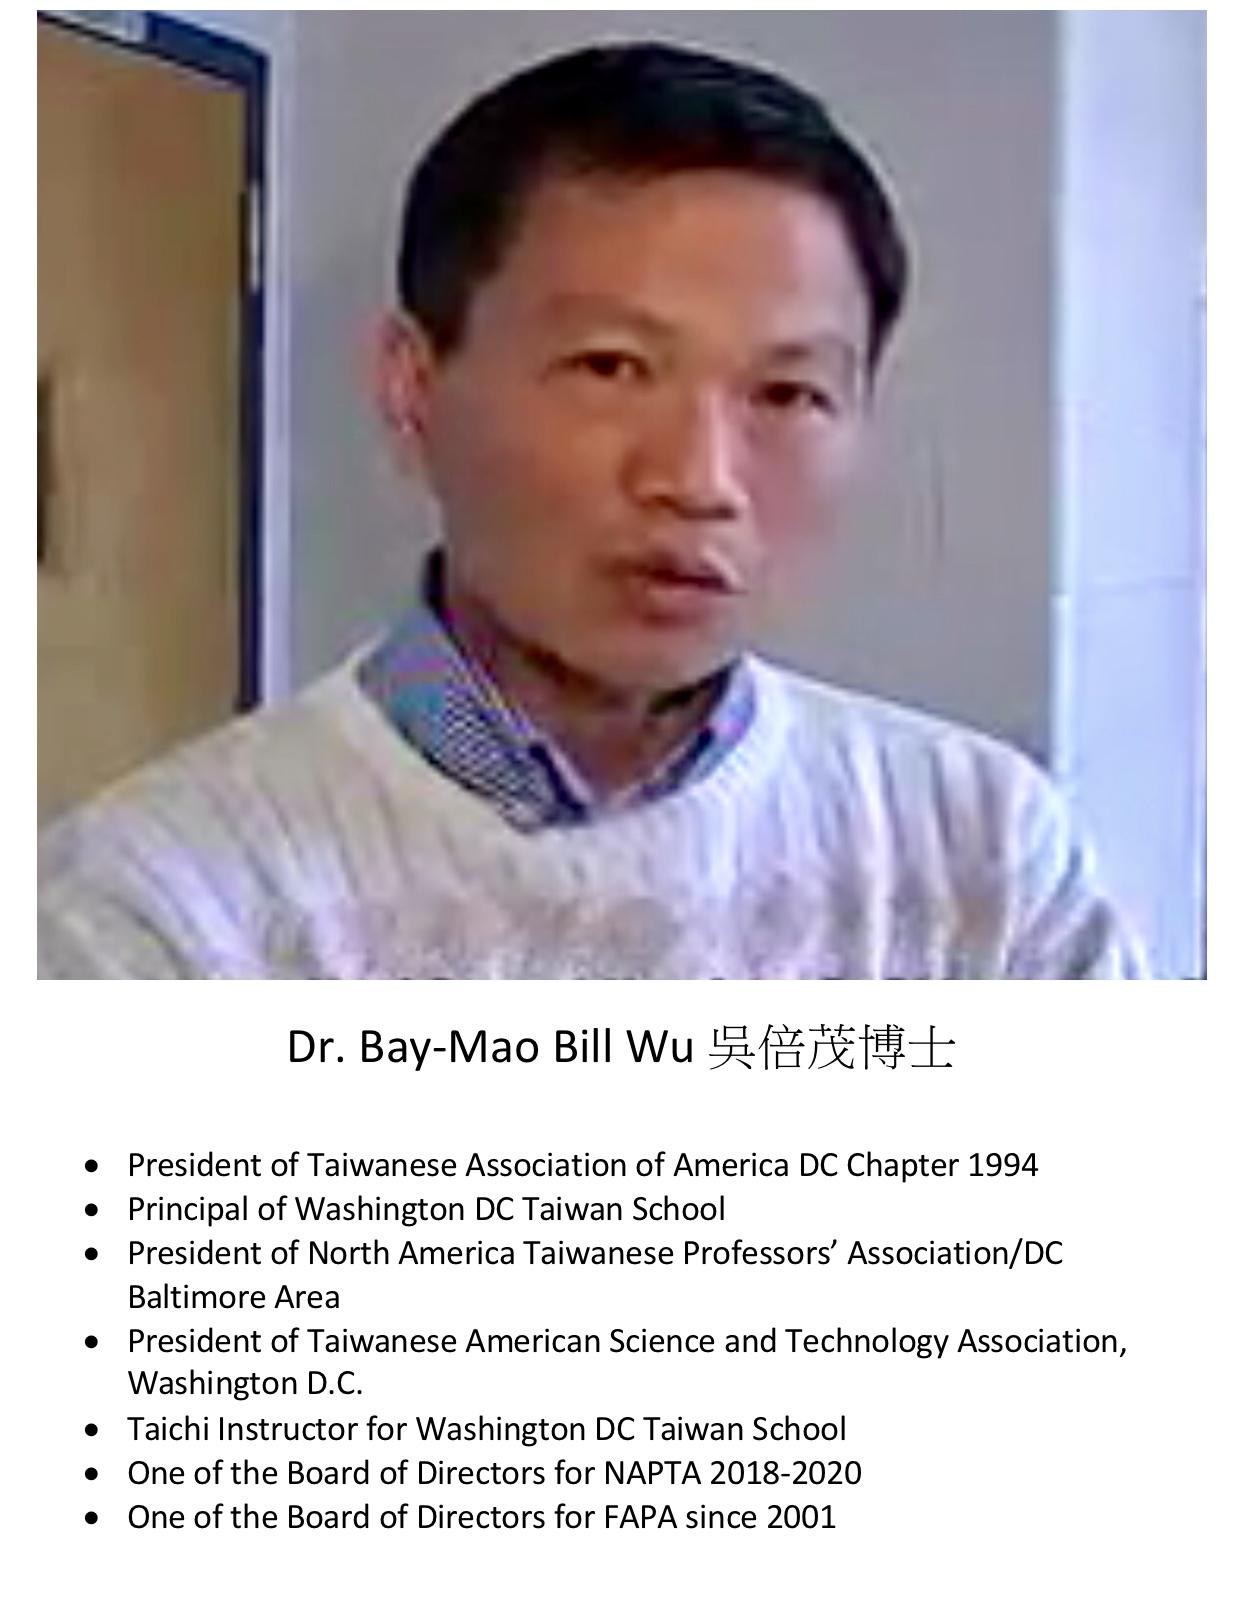 289. Dr. Bay-Mao Bill Wu 吳倍茂博士